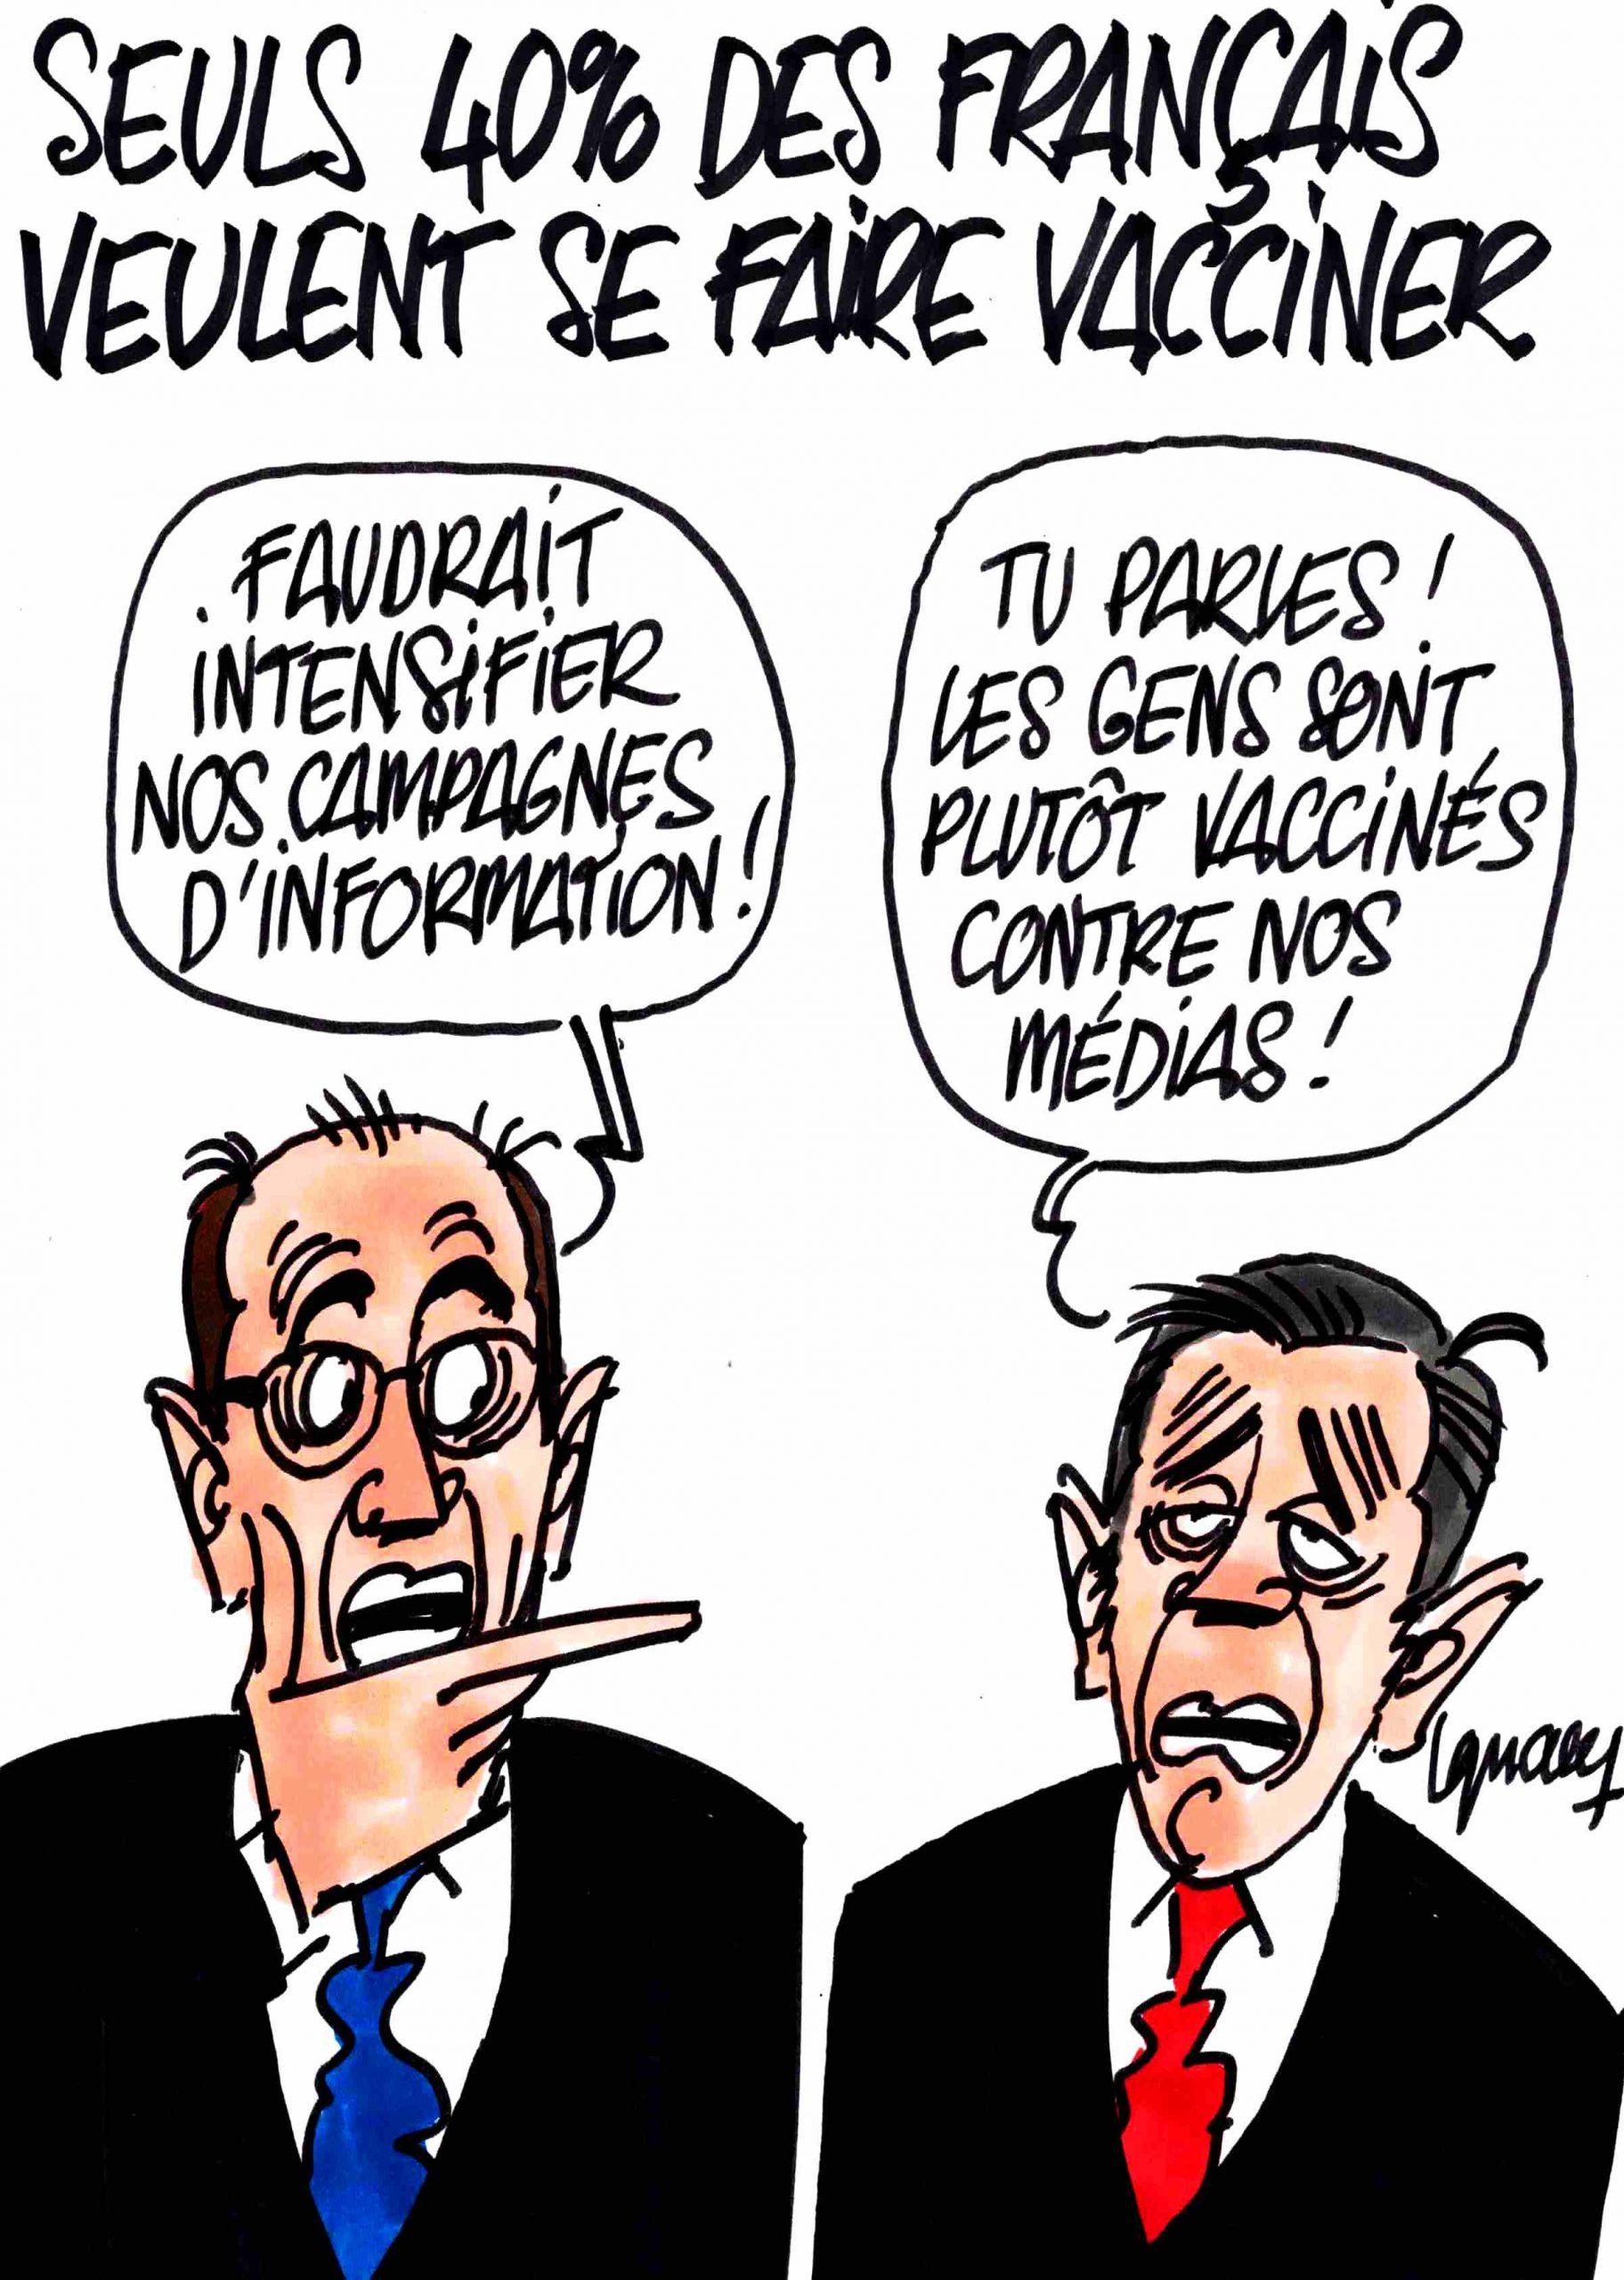 Ignace - 40% des Français prêts à se faire vacciner